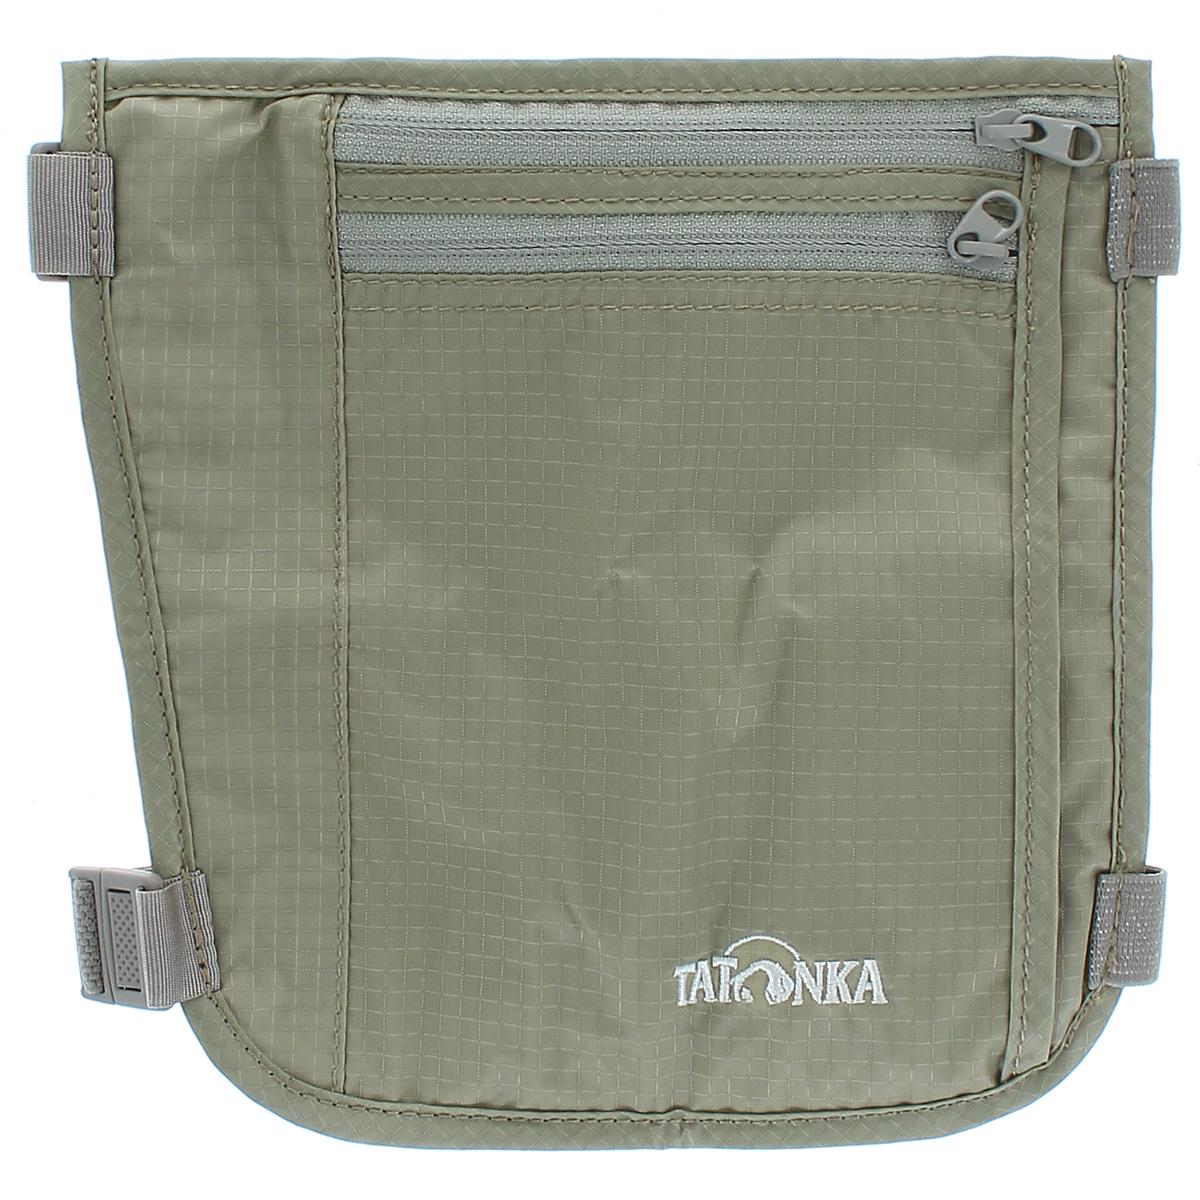 Кошелек на голень Tatonka Skin Secret Pocket, потайной, цвет: бежевый2854.225Потайной кошелек Tatonka Skin Secret Pocket состоит из двух отделений на застежках-молниях. Крепится на голень с помощью двух эластичных ремешков на карабинах, регулируемых по длине. Кошелек можно закрепить как под одеждой, так и поверх нее - в зависимости от удобства. С обратной стороны для большего комфорта изделие дополнено мягкой тканью. Материал: 210 T Nylon Ripstop.